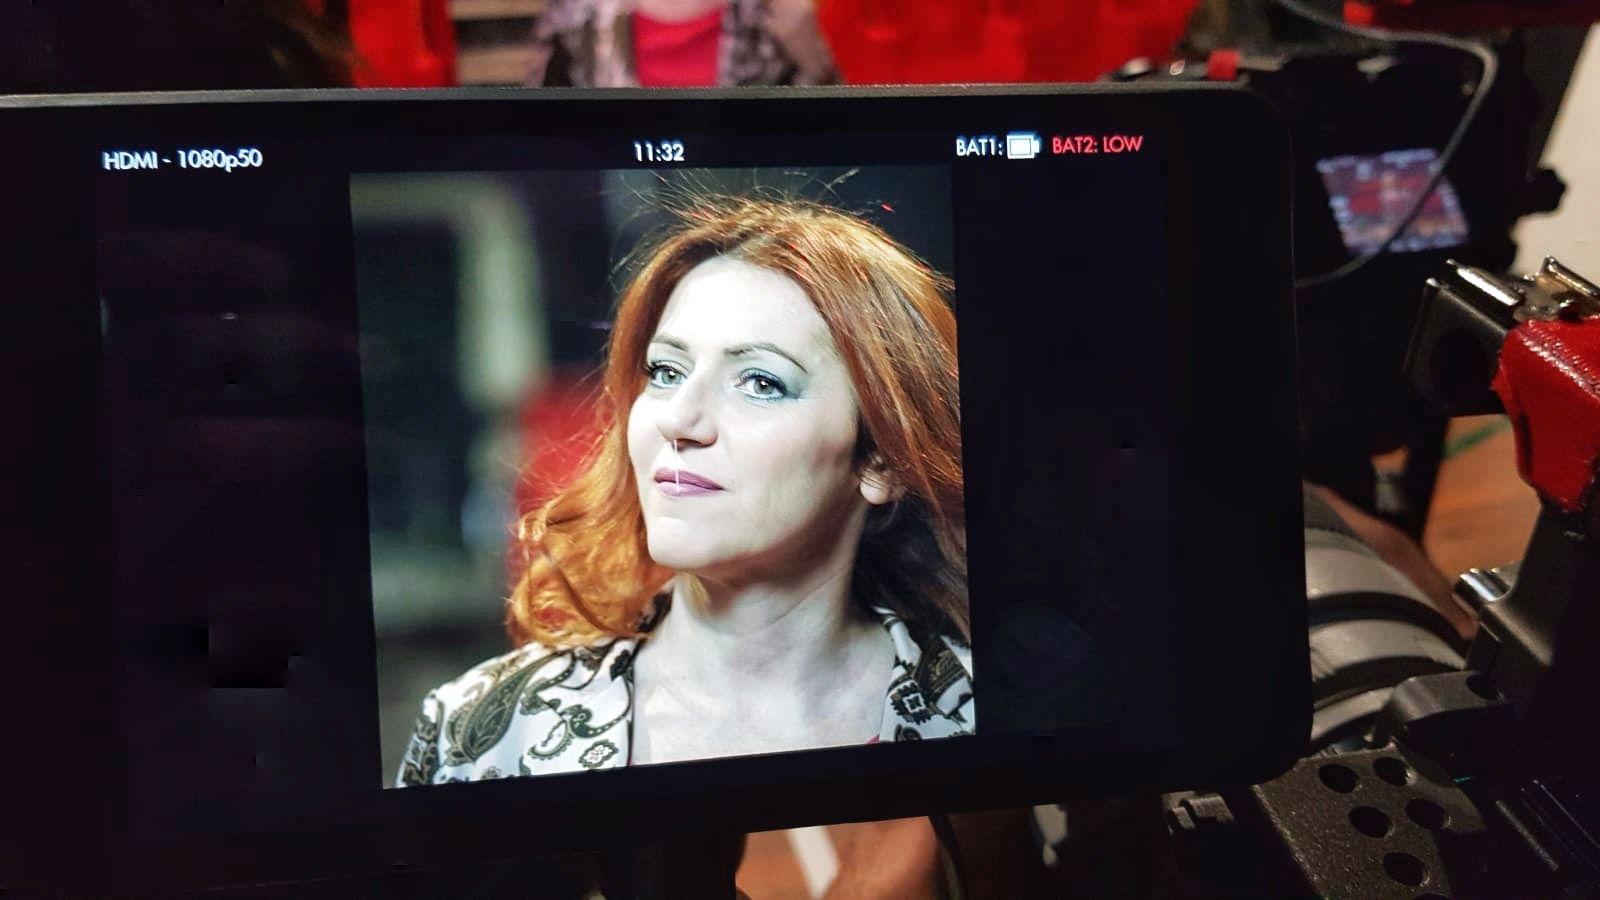 Mi sono raccontata alle telecamere di Freeda, l'intervista la diffonderanno martedì nel web…è stato bello!